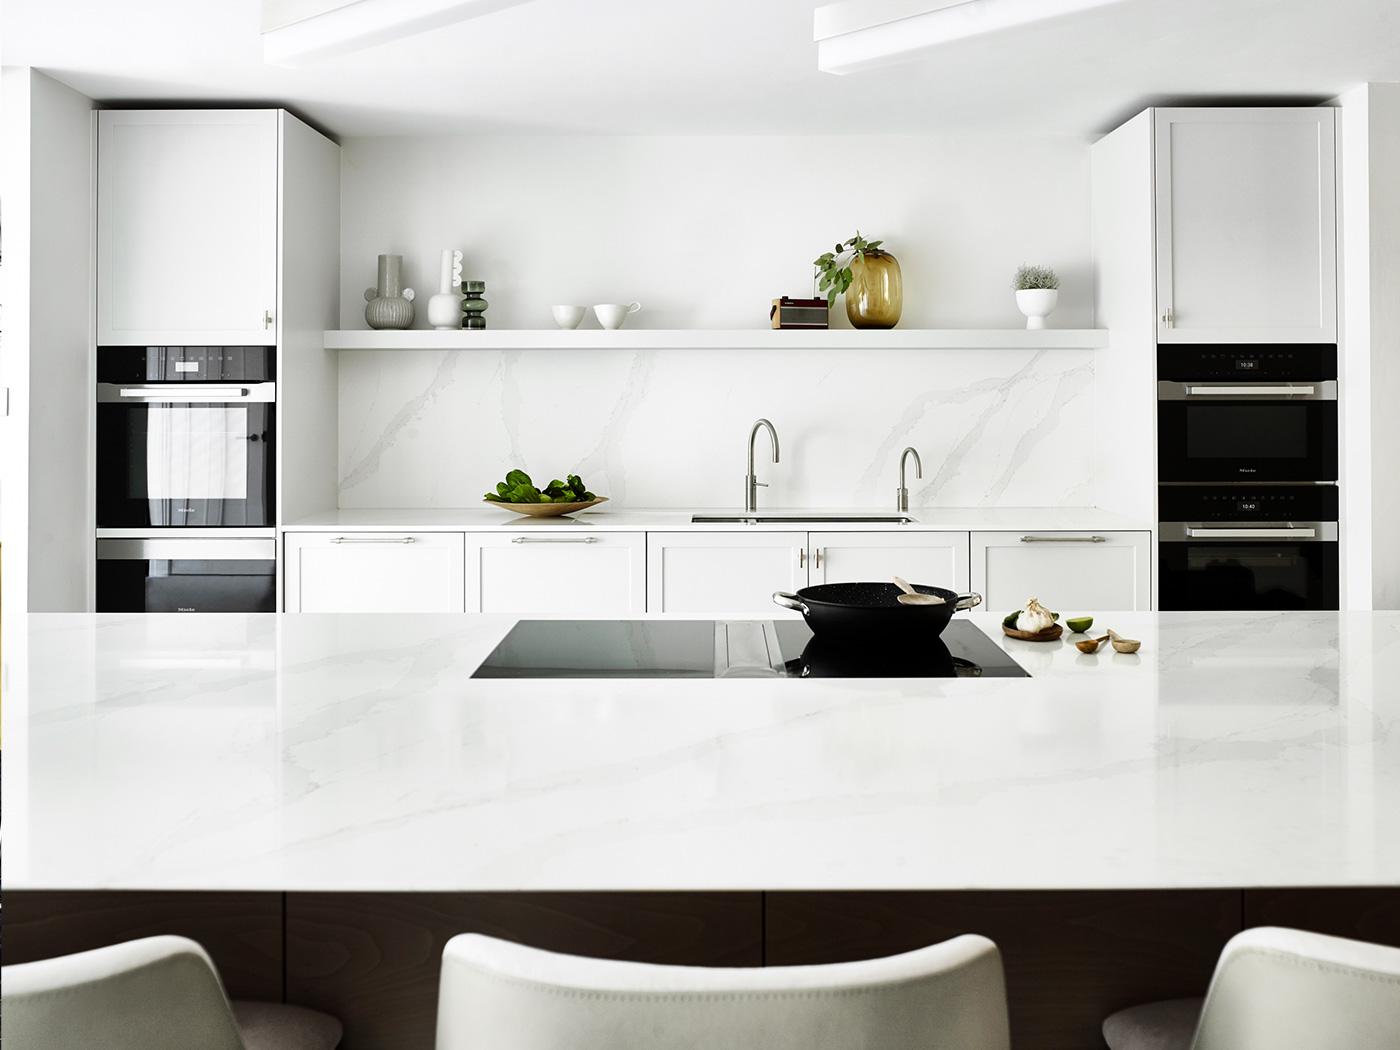 Luxury kitchen design minimal white kitchen